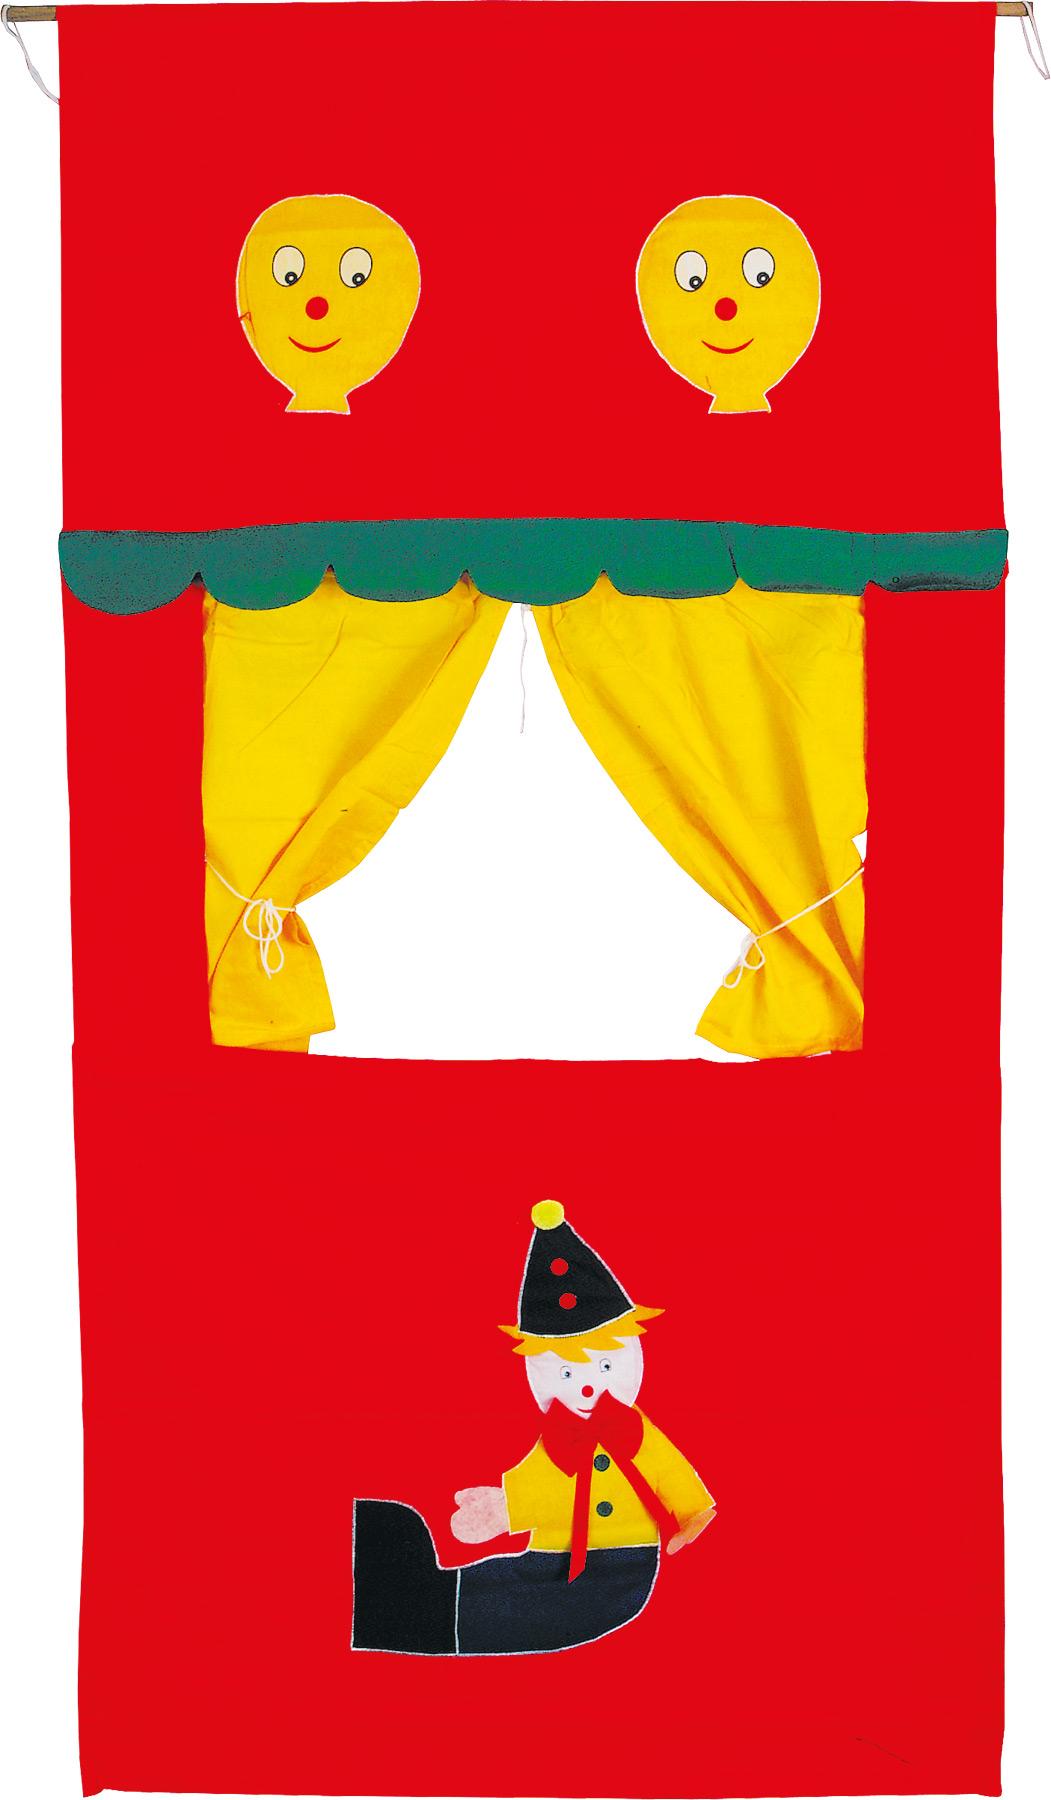 Small Foot Látkové bábkové divadlo